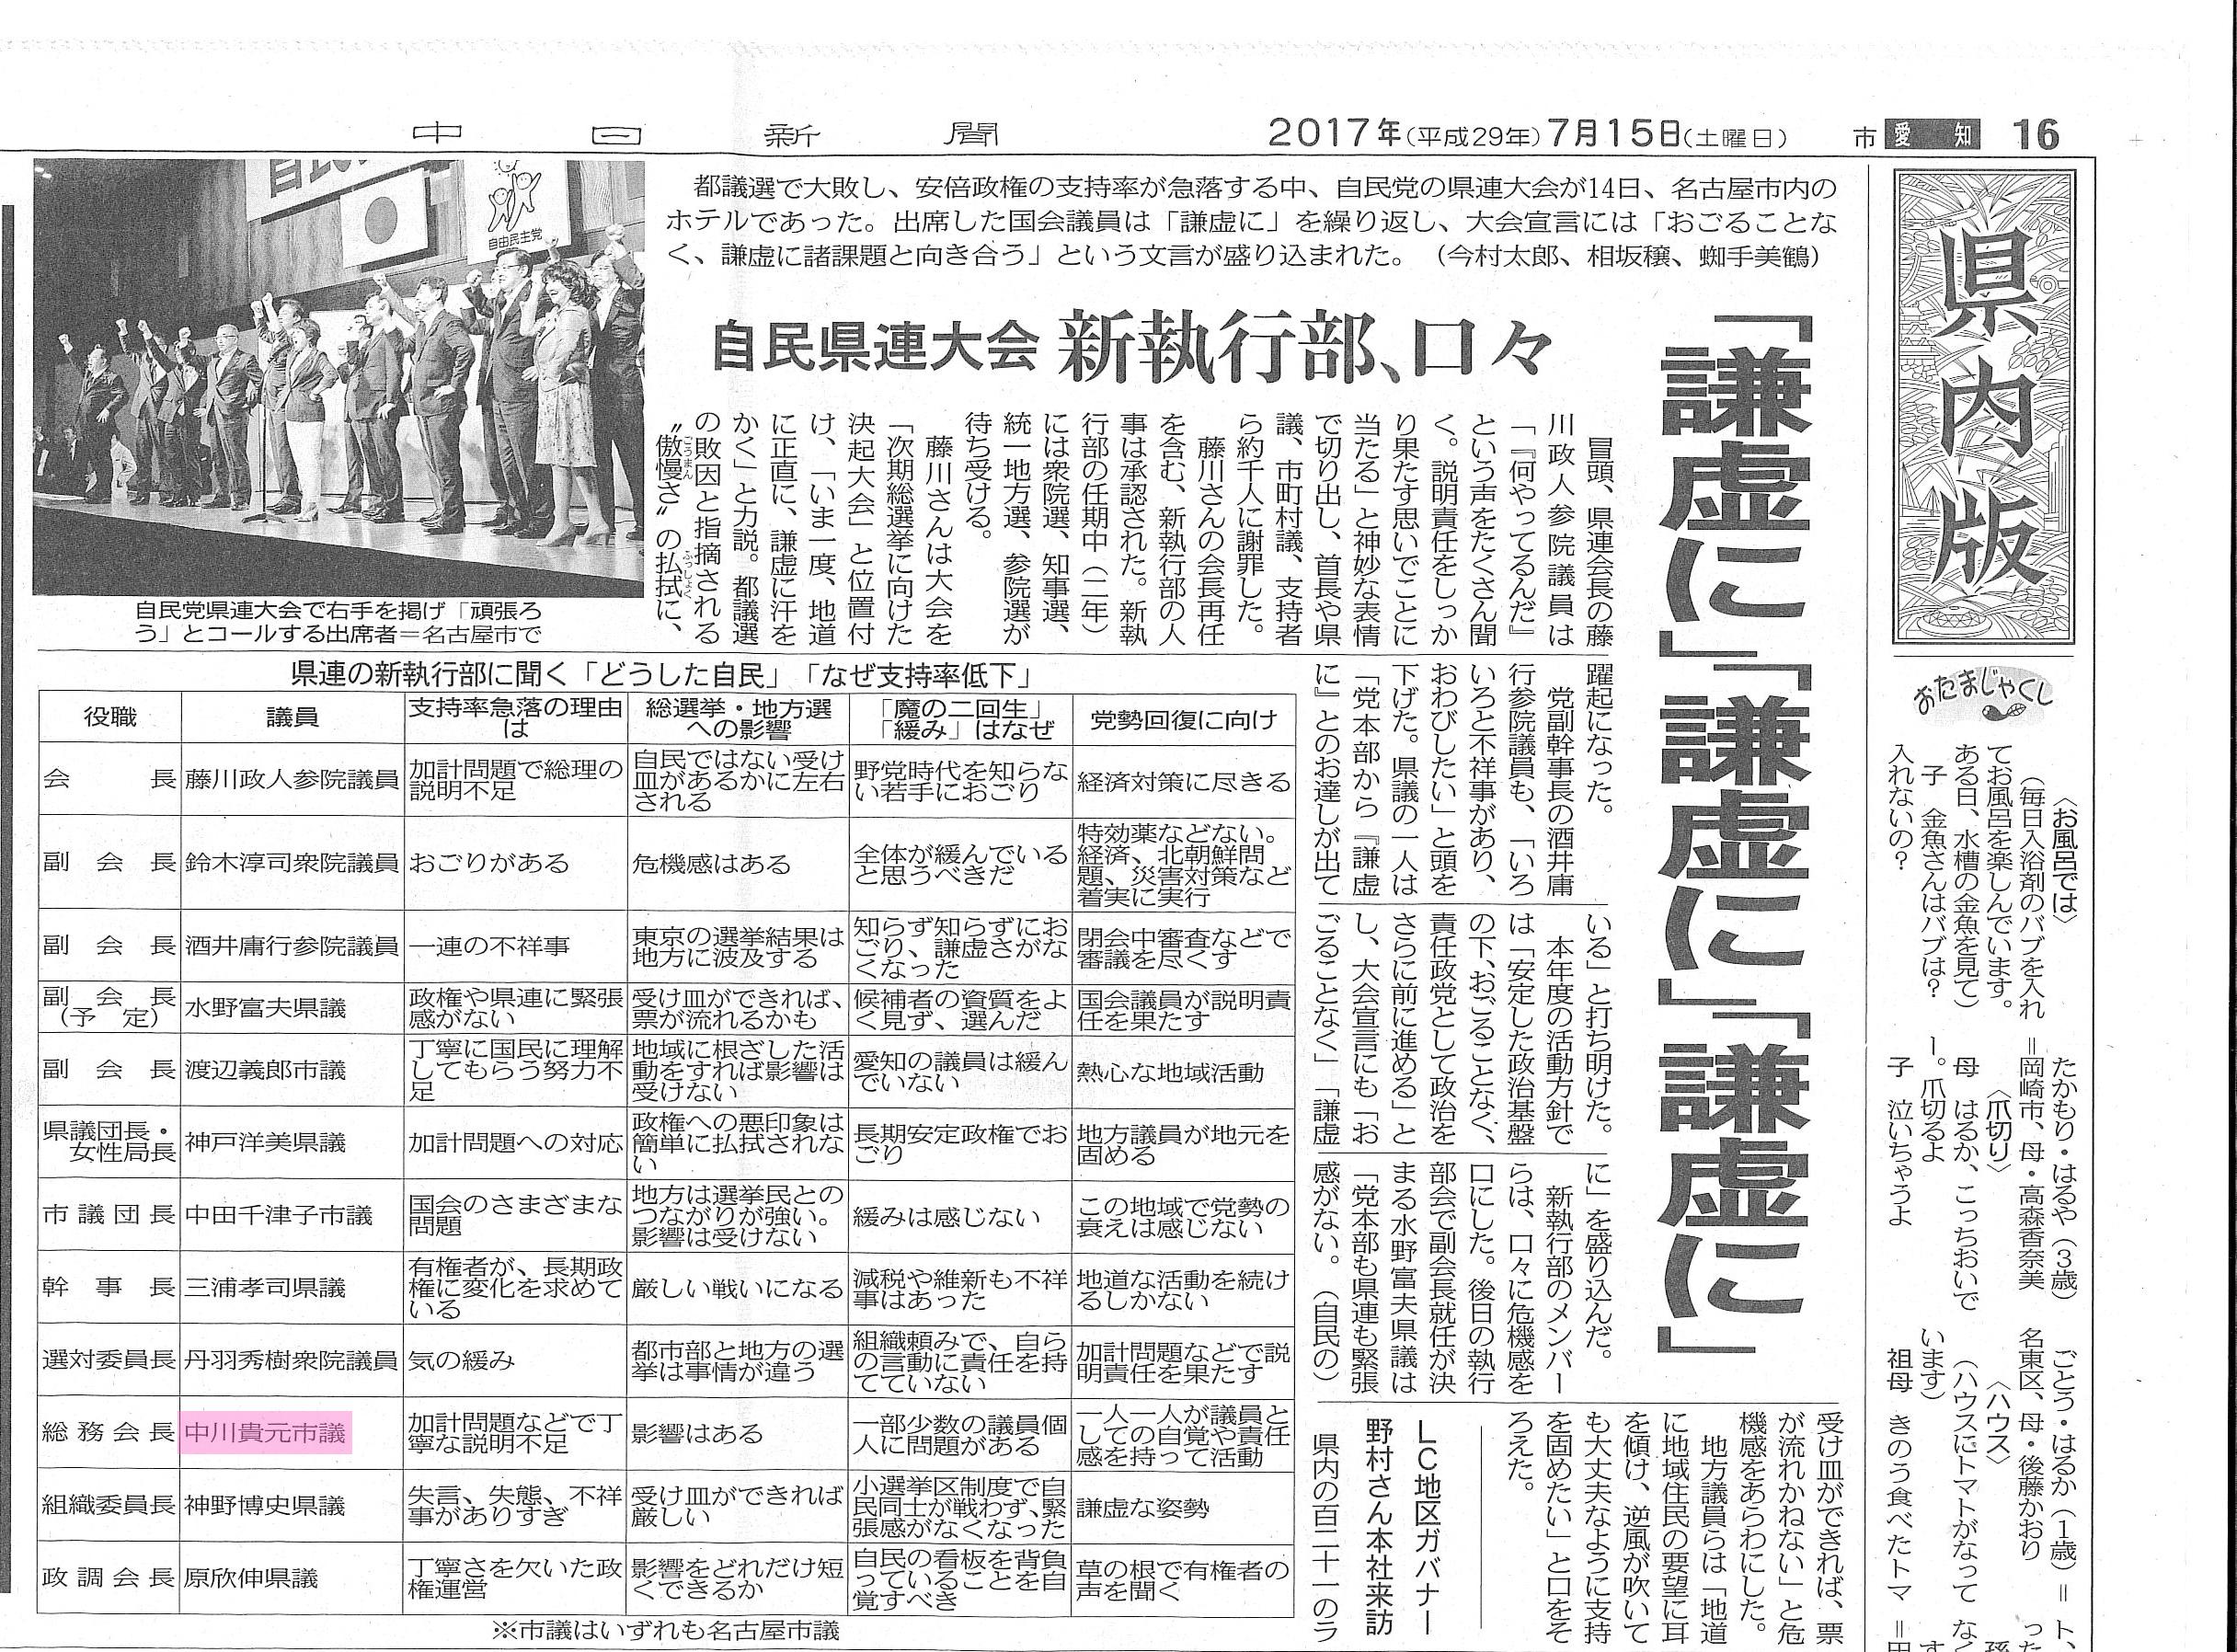 中日新聞(自民県連大会)